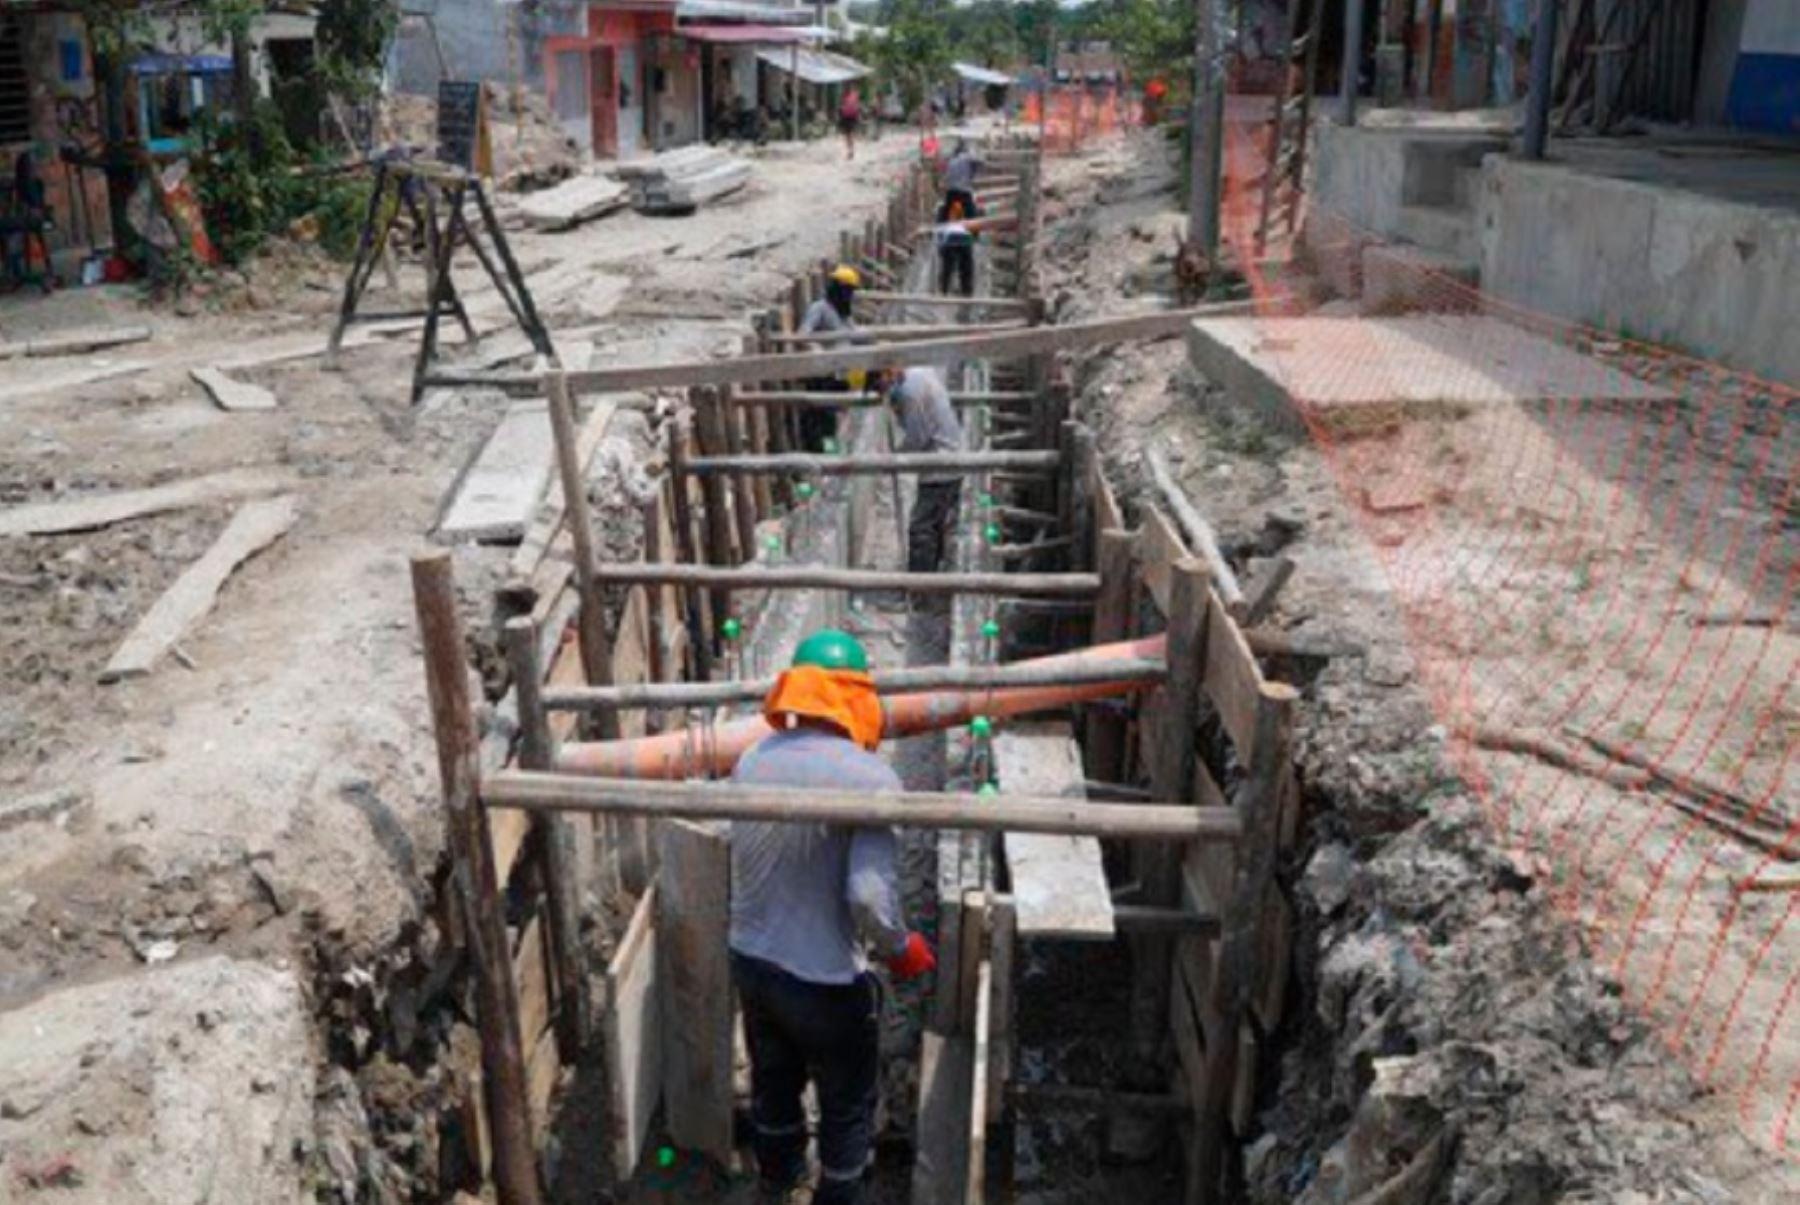 Ministerio de Vivienda reanudará en las próximas semanas las obras de agua potable y alcantarillado en el distrito de La Unión, en Piura. Foto: ANDINA/difusión.